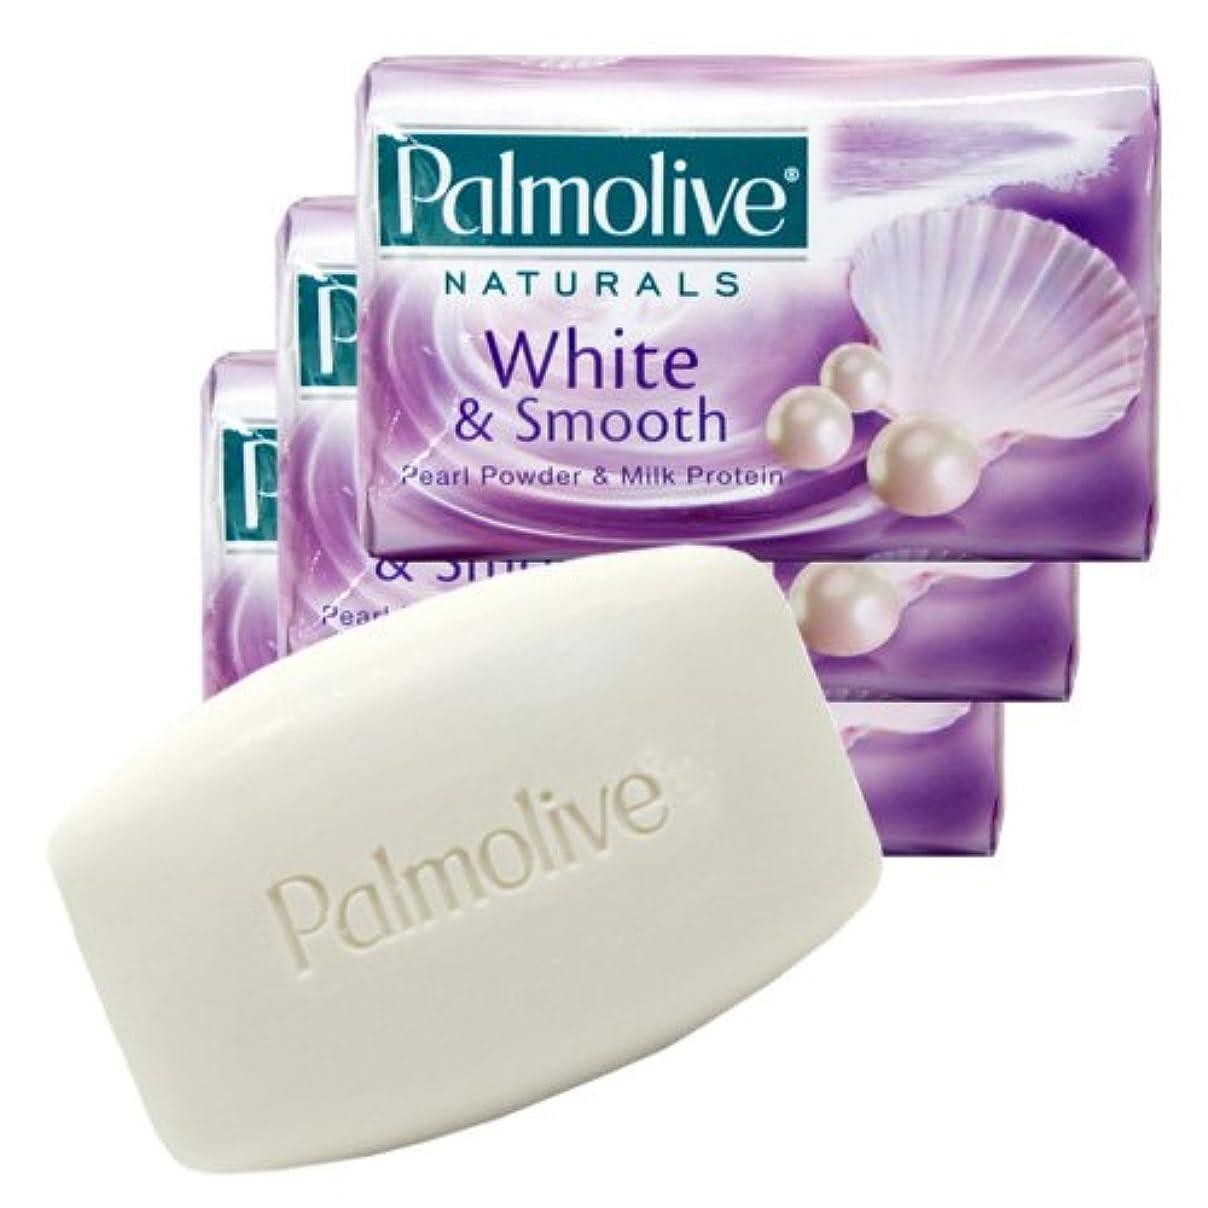 支払い金額ハッチ【Palmolive】パルモリーブ ナチュラルズ石鹸3個パック ホワイト&スムース(パールパウダー&ミルクプロテイン)80g×3